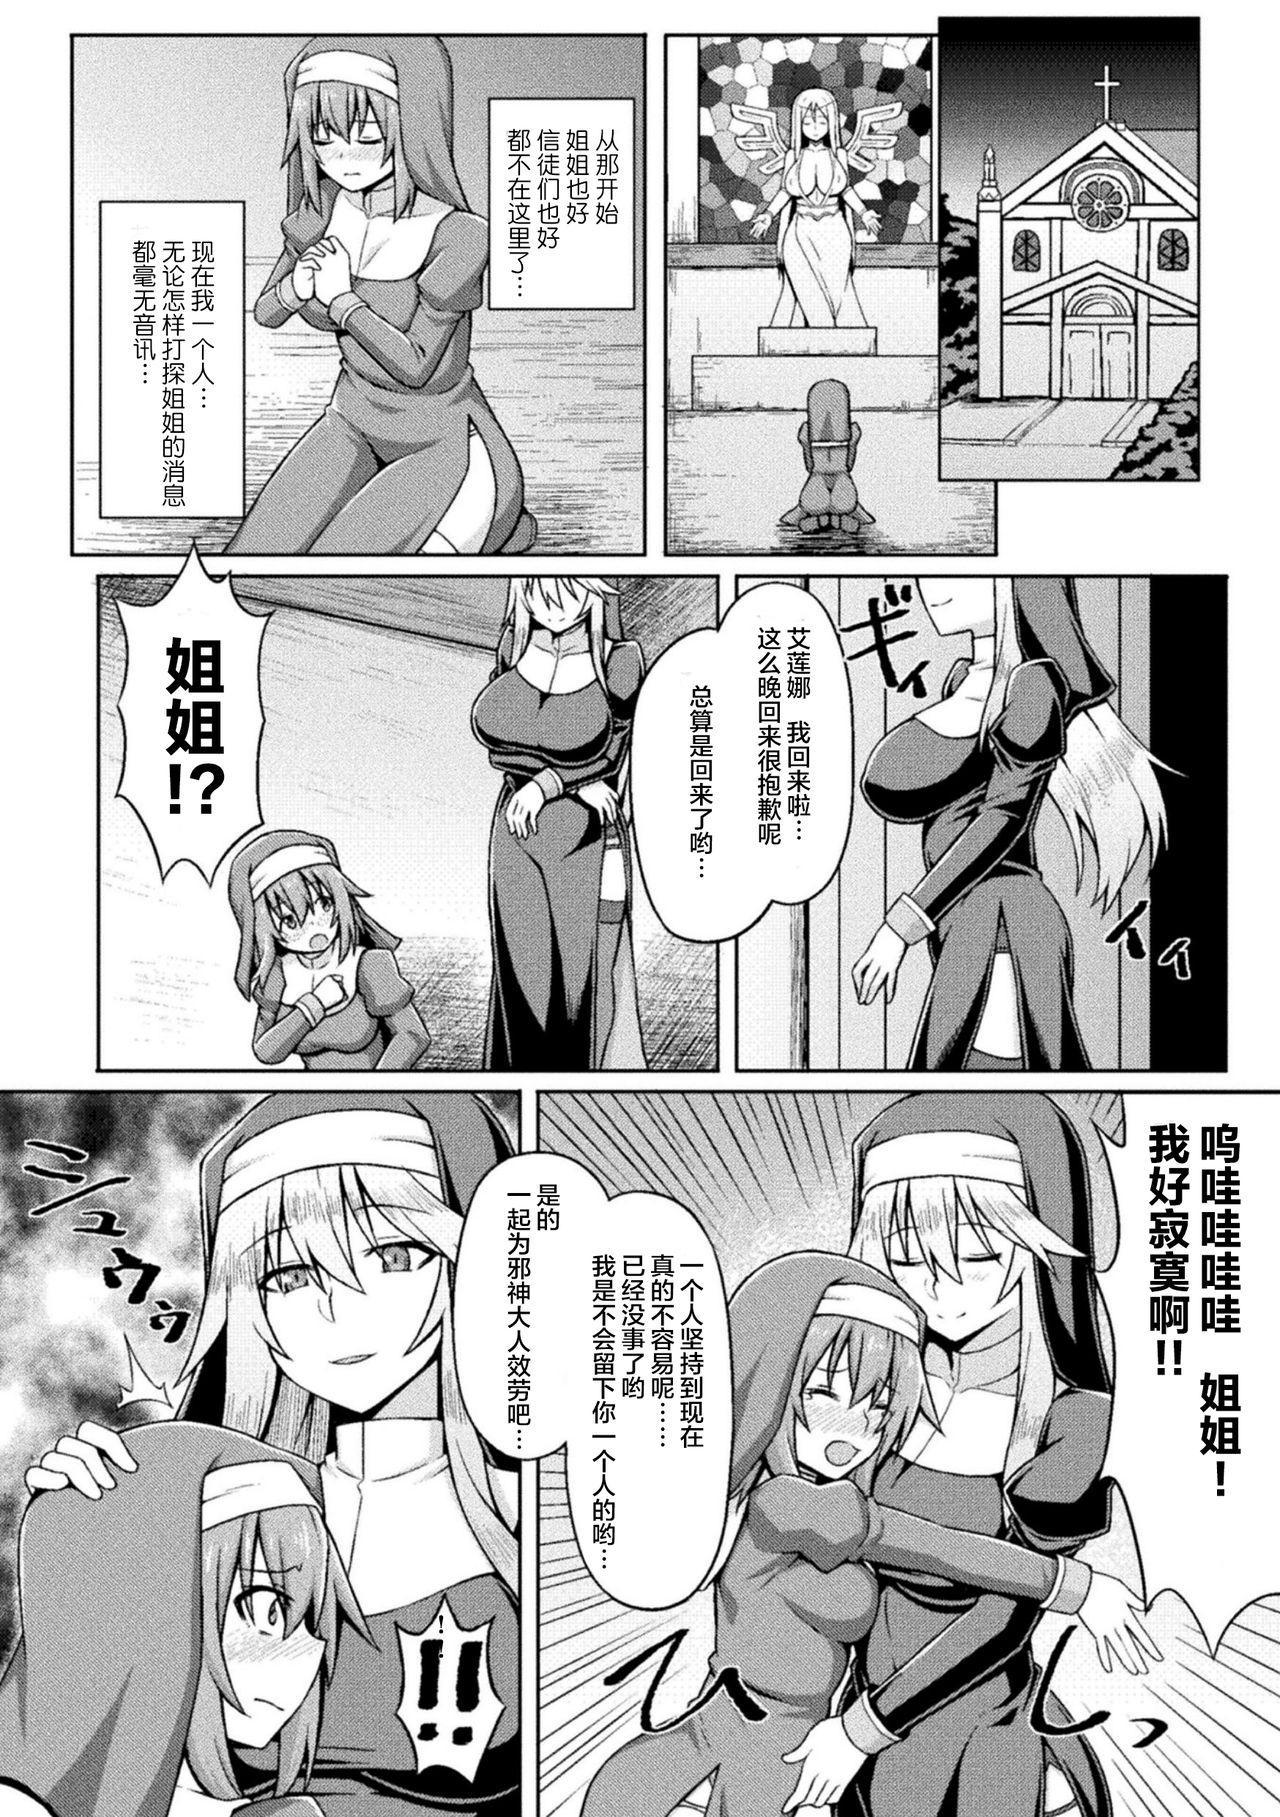 Seijo Kanraku - Falling holy maiden 13